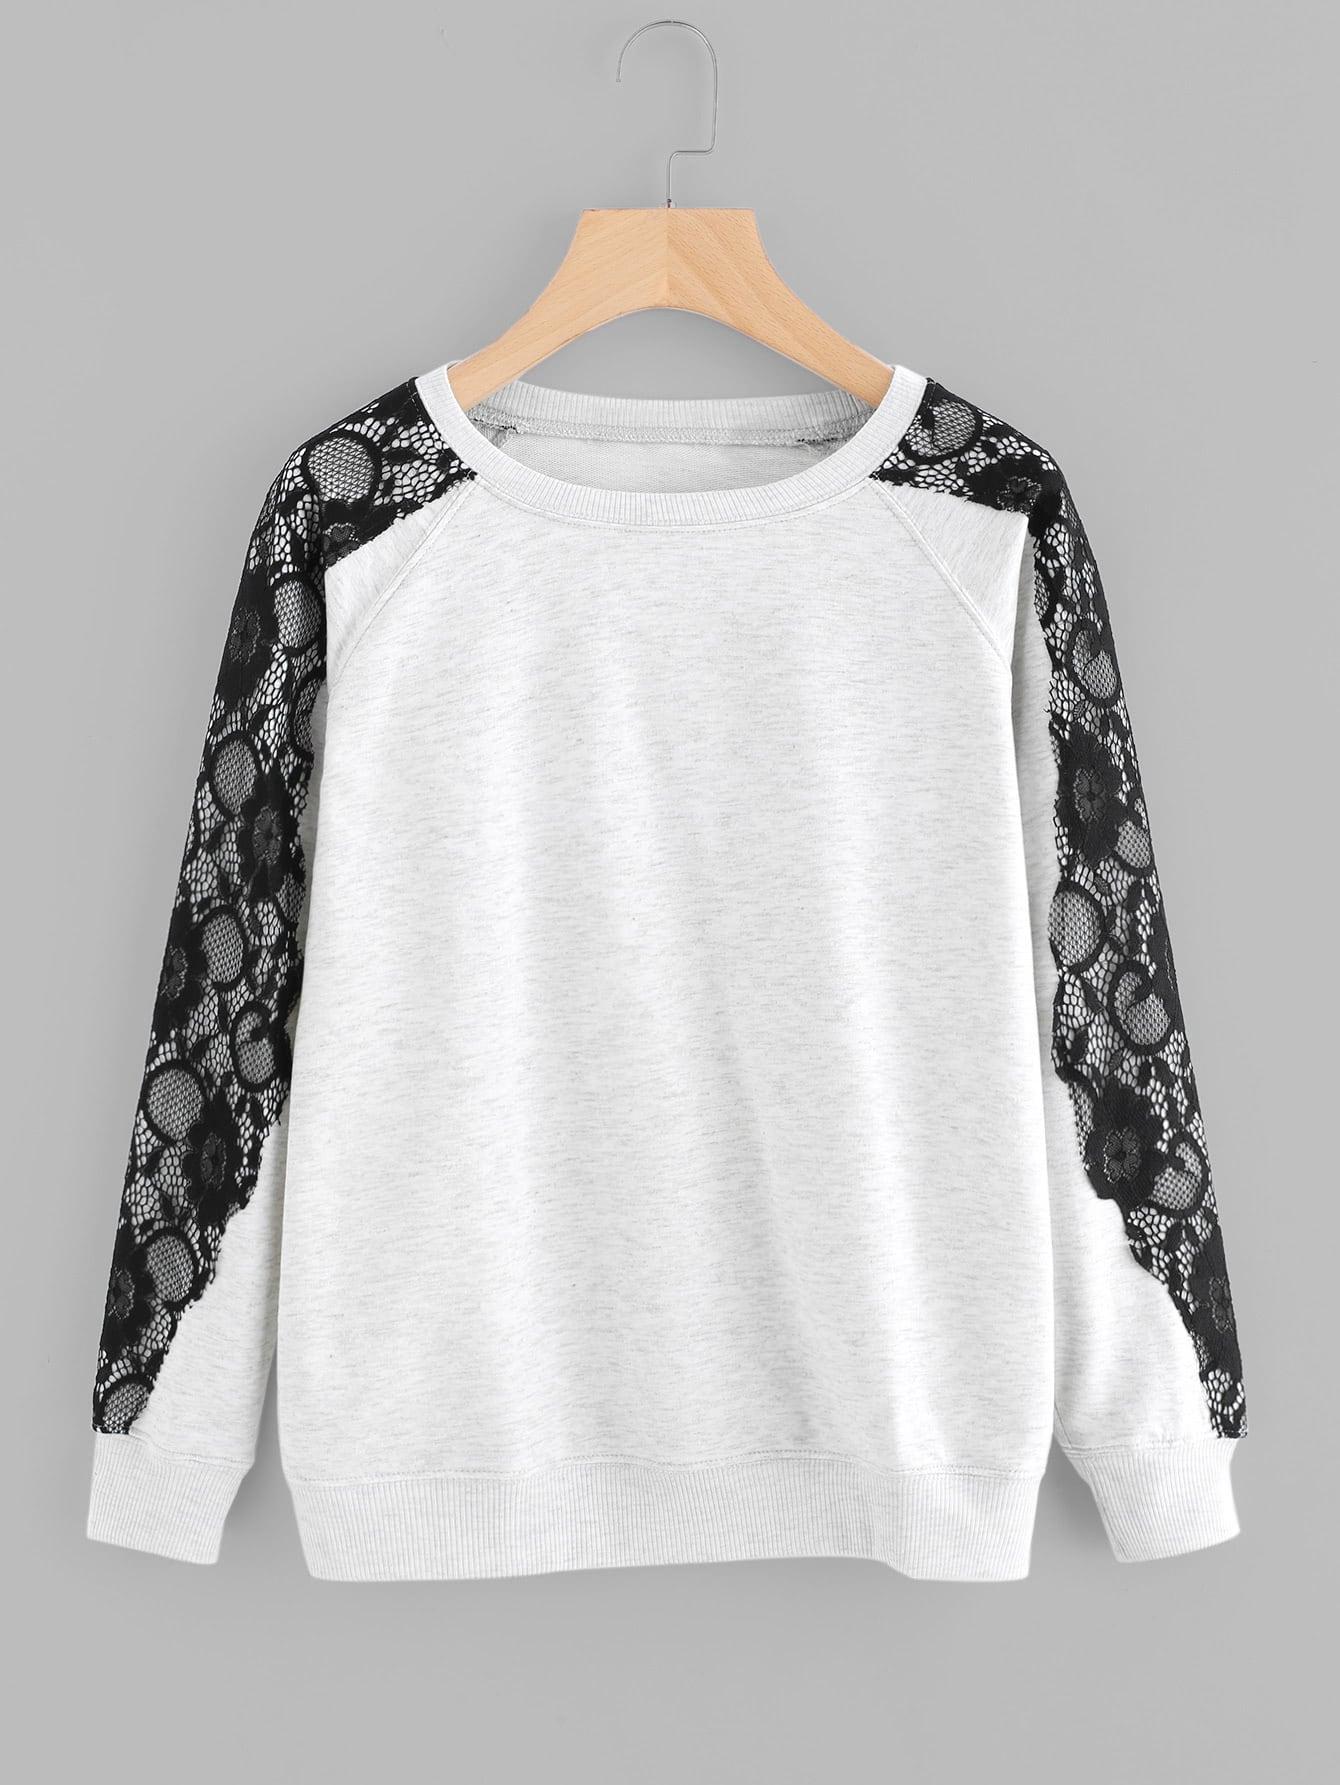 Купить Контрастный модный свитшот с кружевной вставкой, null, SheIn